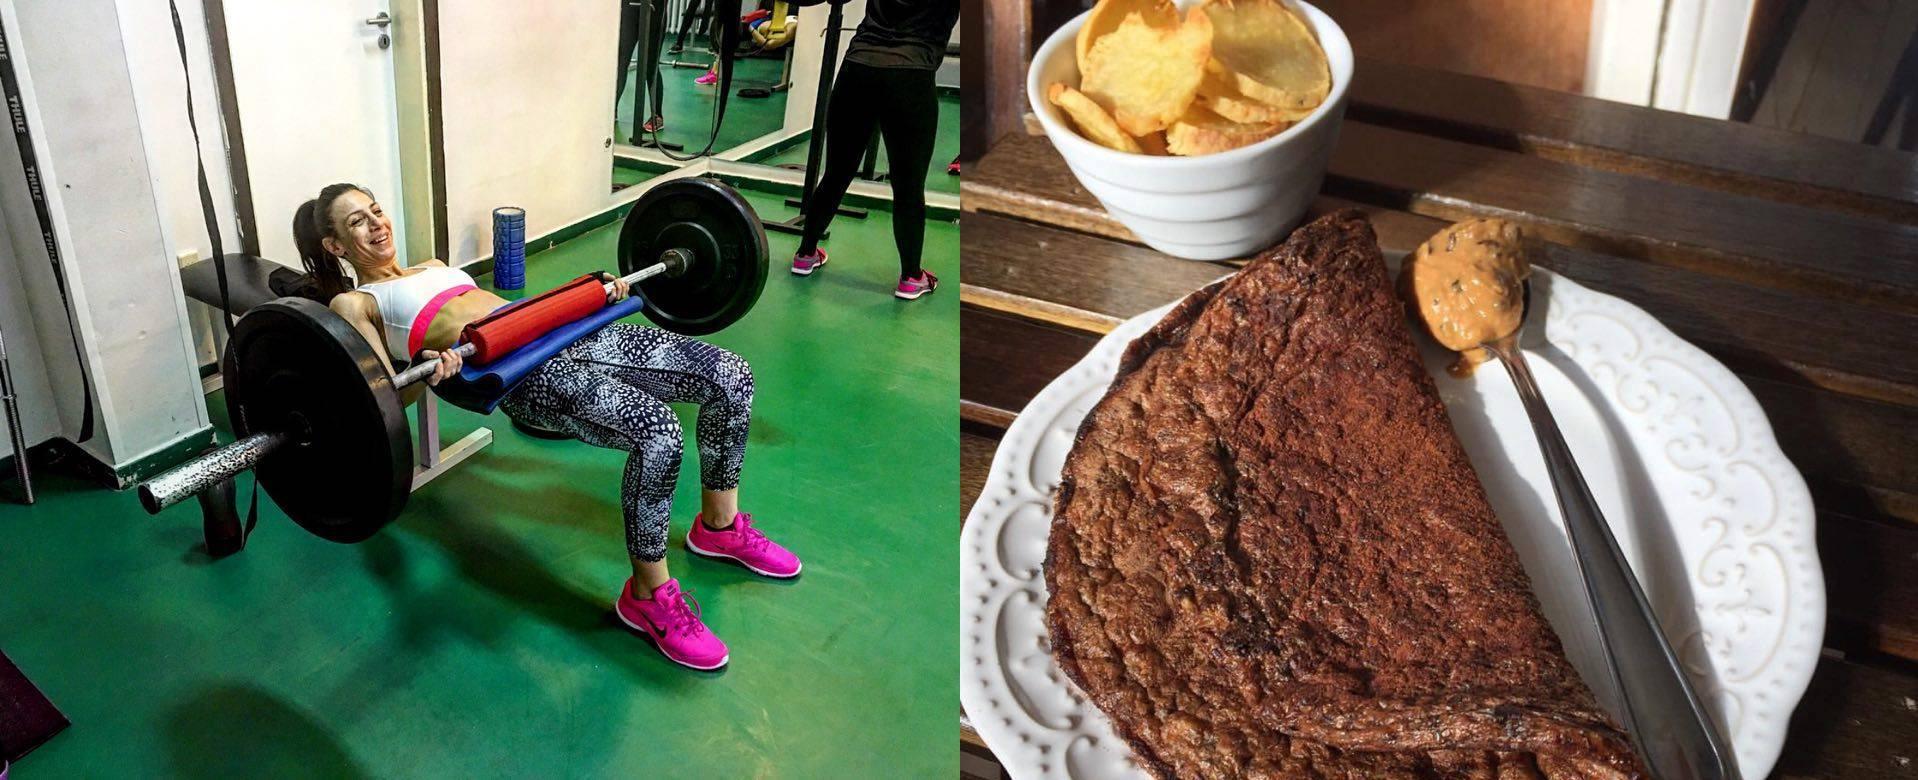 Колко калории горят мускулите и как това оказва влияние върху количеството храна, което ядем